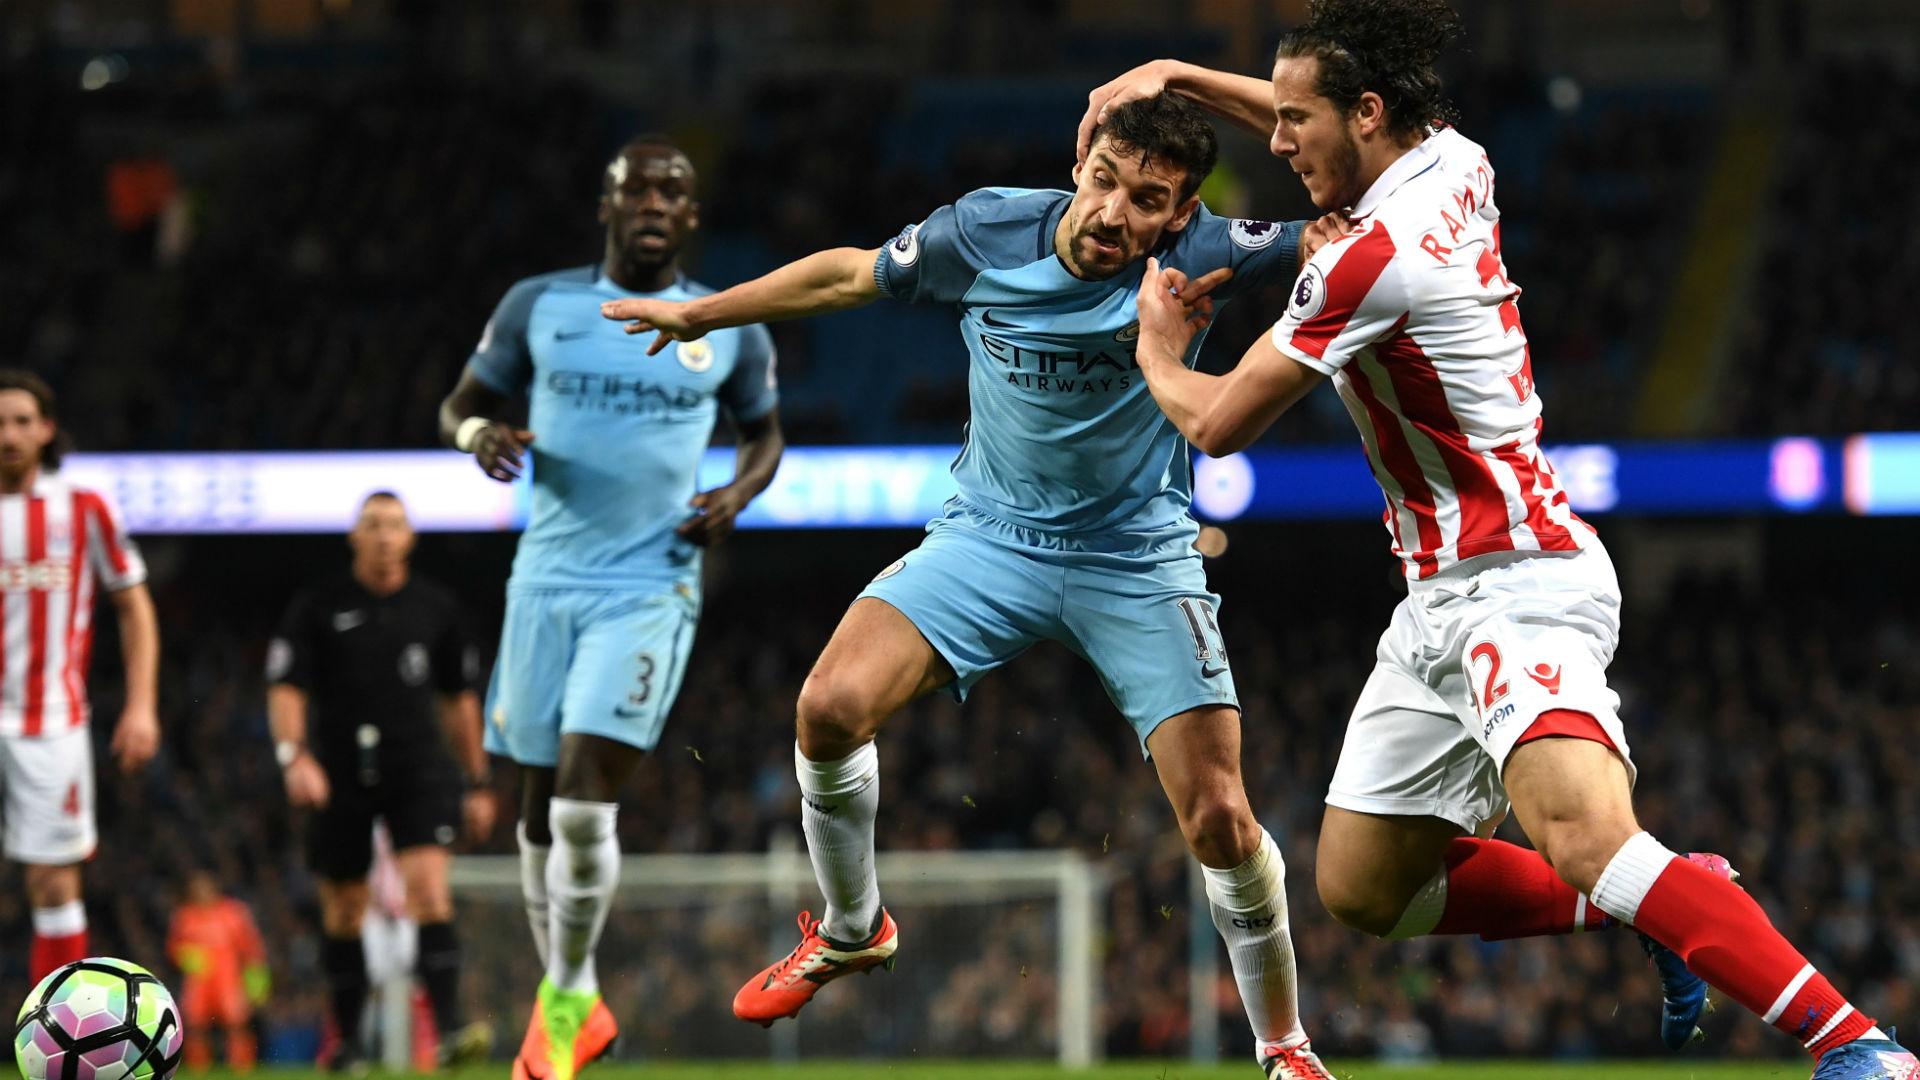 Man City Stoke